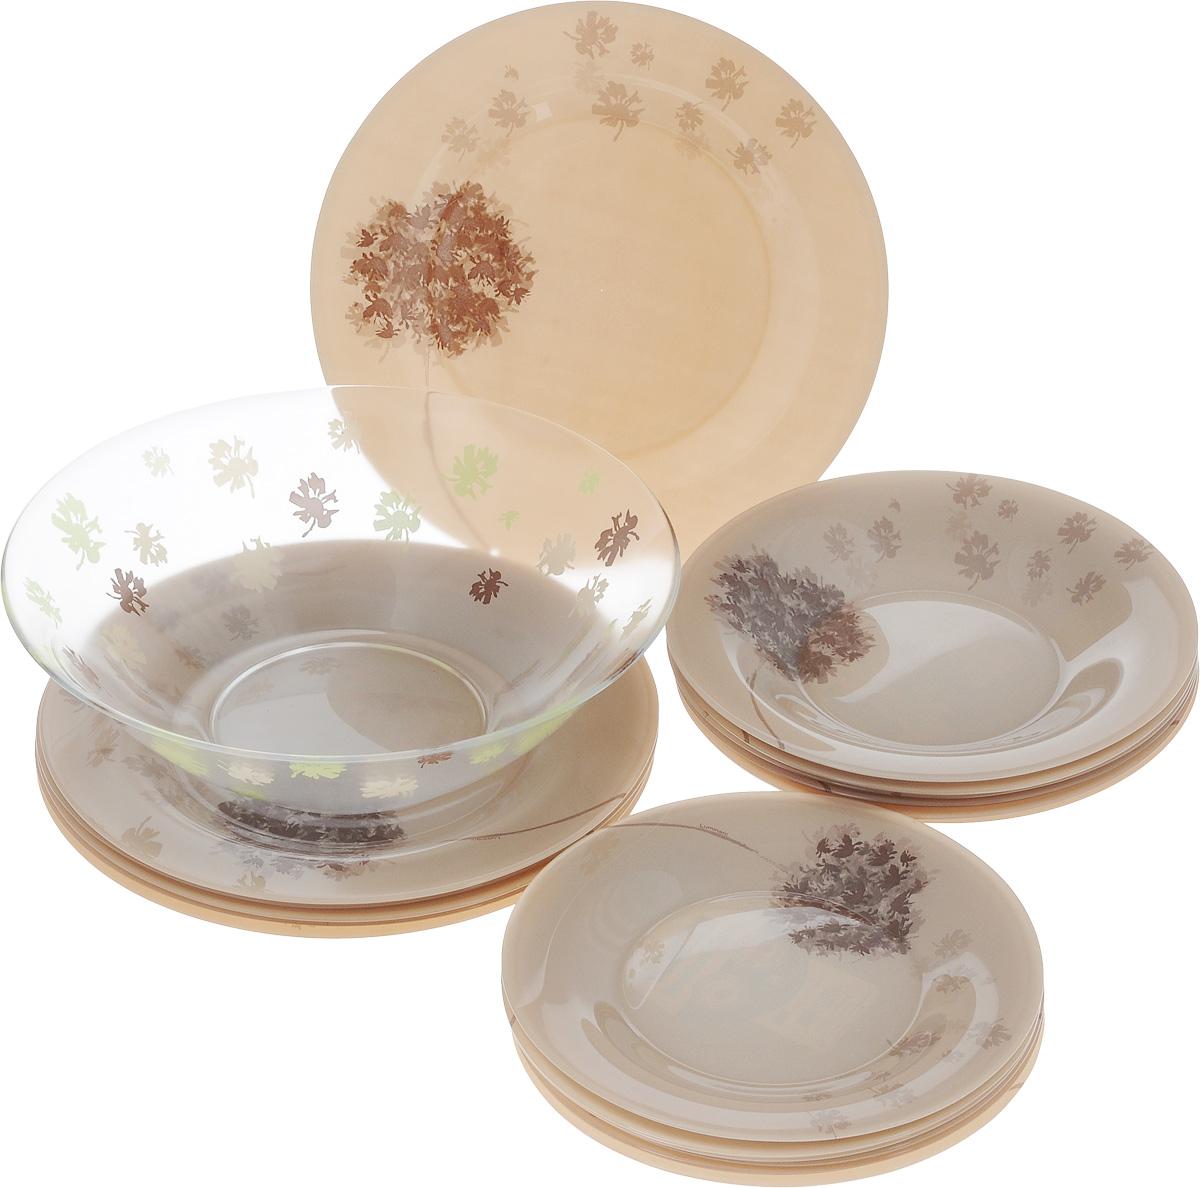 Набор столовой посуды Luminarc Stella Chocolat, 19 предметов40346Набор Luminarc Stella Chocolat состоит из 6 суповыхтарелок, 6 обеденных тарелок, 6 десертных тарелок исалатницы. Изделия выполнены изударопрочного стекла, имеют оригинальный дизайн иклассическую круглую форму. Посуда отличаетсяпрочностью, гигиеничностью и долгим сроком службы,она устойчива к появлению царапин и резким перепадамтемператур.Такой набор прекрасно подойдет как для повседневногоиспользования, так и для праздников или особенныхслучаев.Набор столовой посуды Luminarc Stella Chocolat - этоне только яркий и полезный подарок для родных иблизких, а также великолепное дизайнерскоерешение для вашей кухни или столовой.Можно мыть в посудомоечной машине и использовать вмикроволновой печи.Диаметр суповой тарелки: 21,5 см.Высота суповой тарелки: 3,2 см. Диаметр обеденной тарелки: 25 см.Высота обеденной тарелки: 1,8 см.Диаметр десертной тарелки: 19 см.Высота десертной тарелки: 1,2 см. Диаметр салатника: 26,5 см.Высота салатника: 8,5 см.